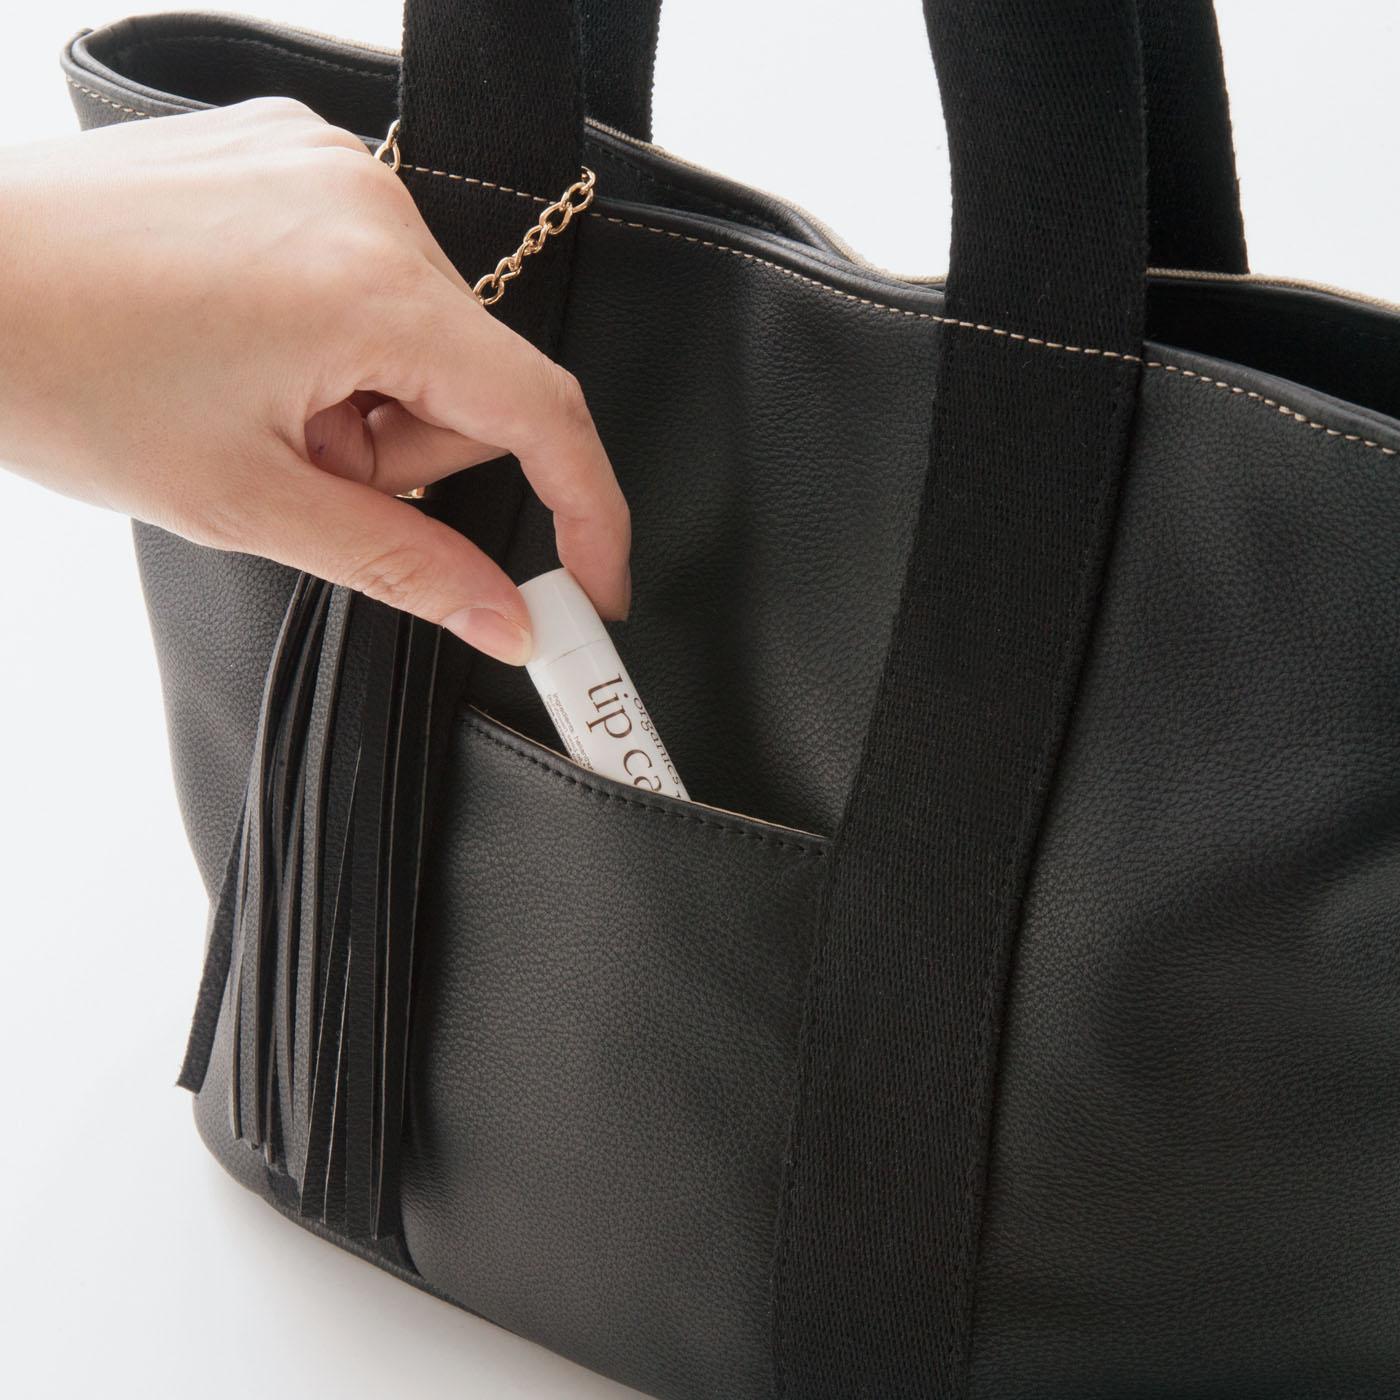 輝きポイント5 ハンカチやリップクリームをさっと取り出しやすい外ポケット。